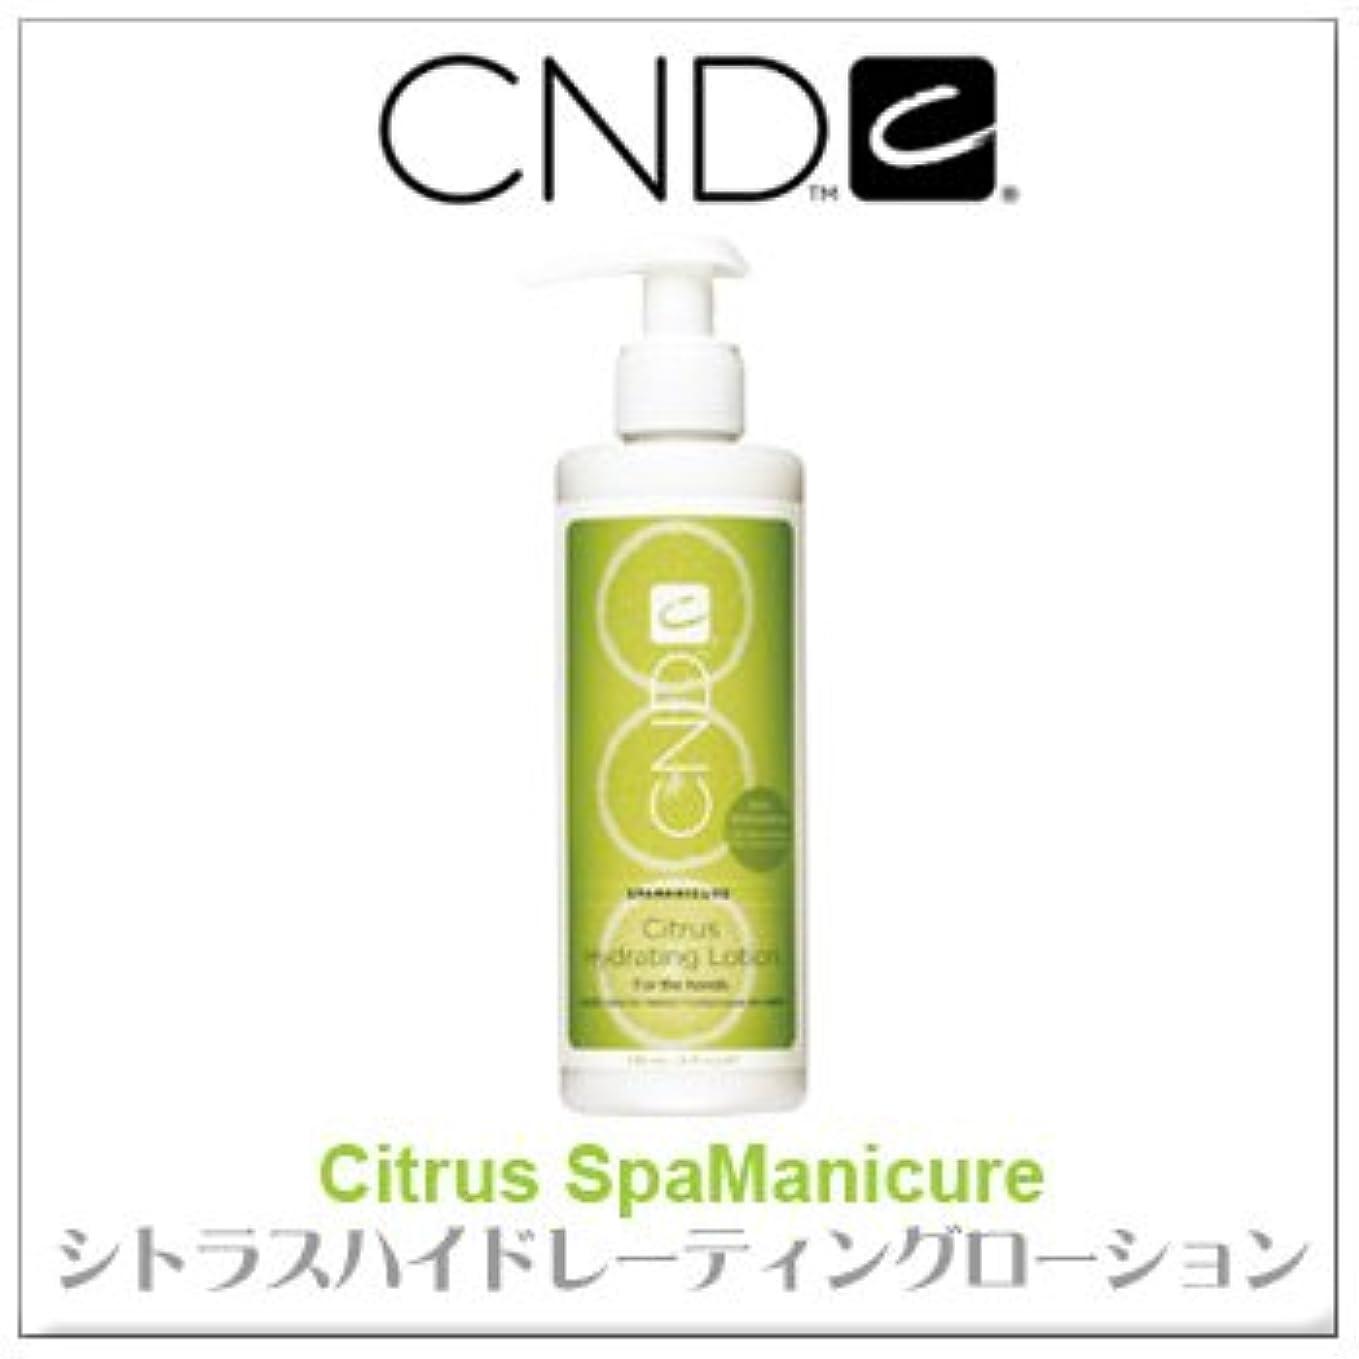 CND (シーエヌデー) シトラス ハイドレーティングローション ハンド&ボディ用ローション